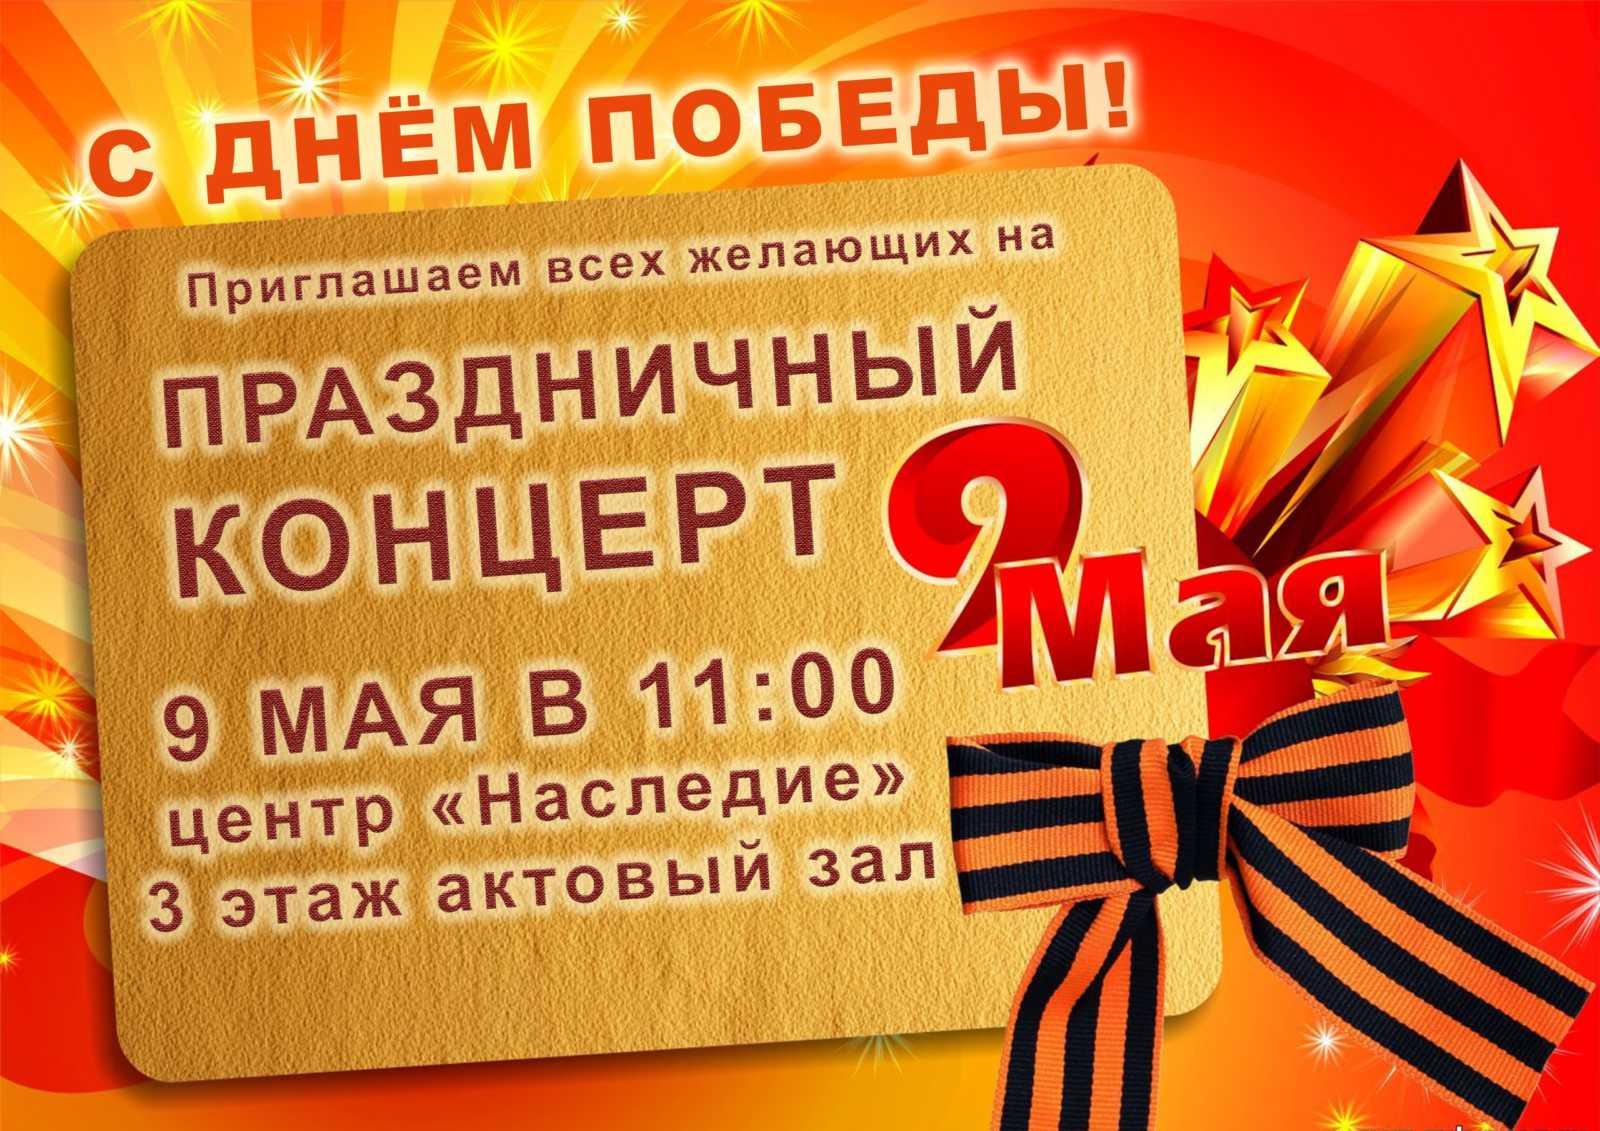 Концерт 9 мая